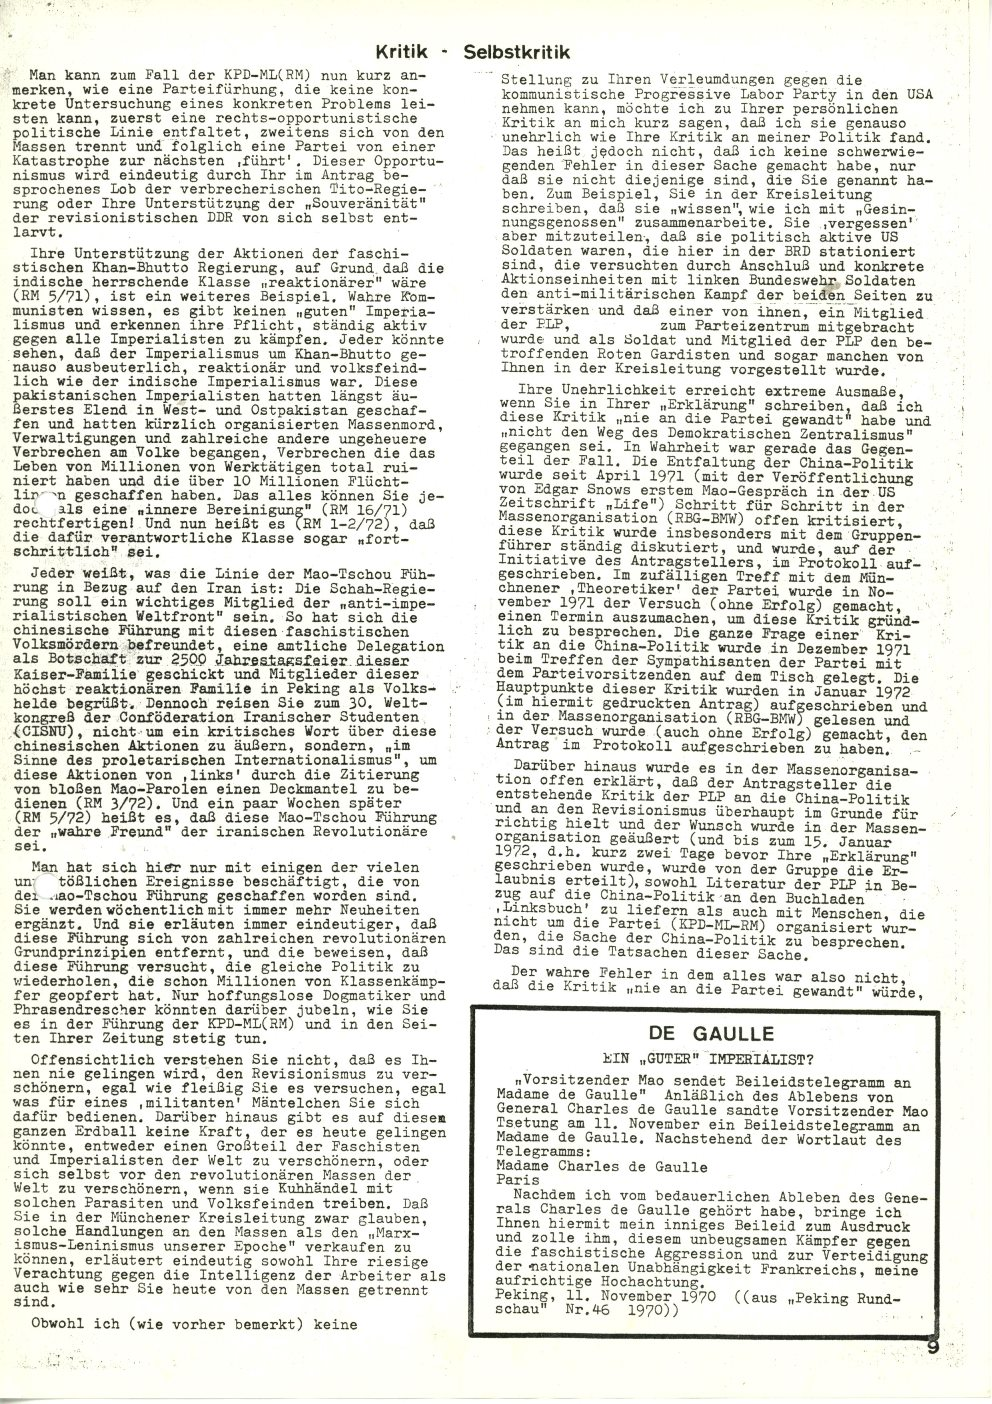 Muenchen_1972_Offener_Brief_an_die_KPDML_09